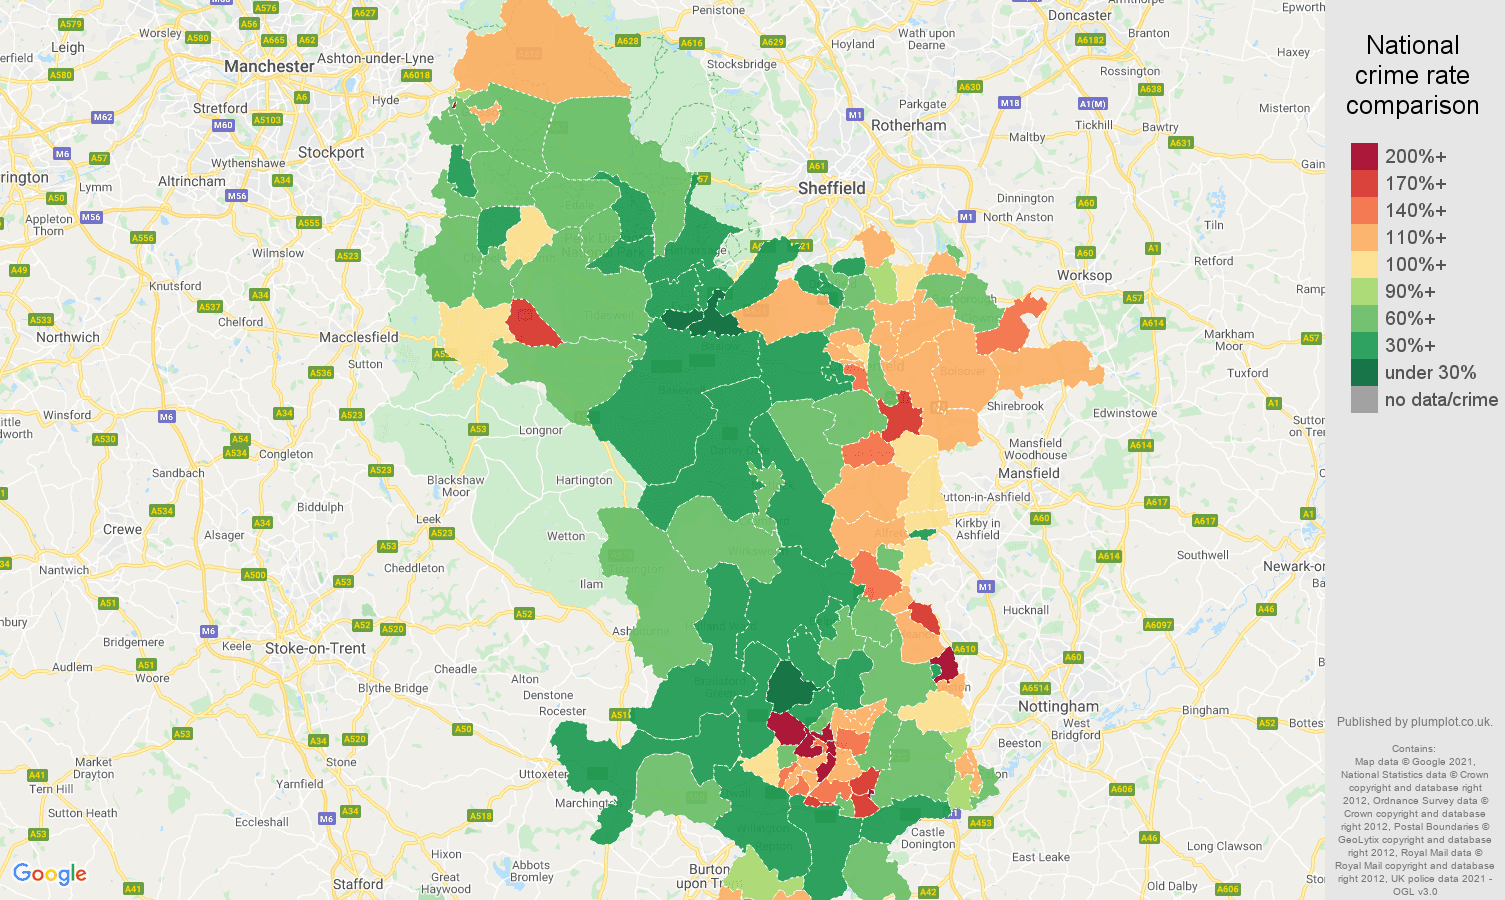 Derbyshire violent crime rate comparison map